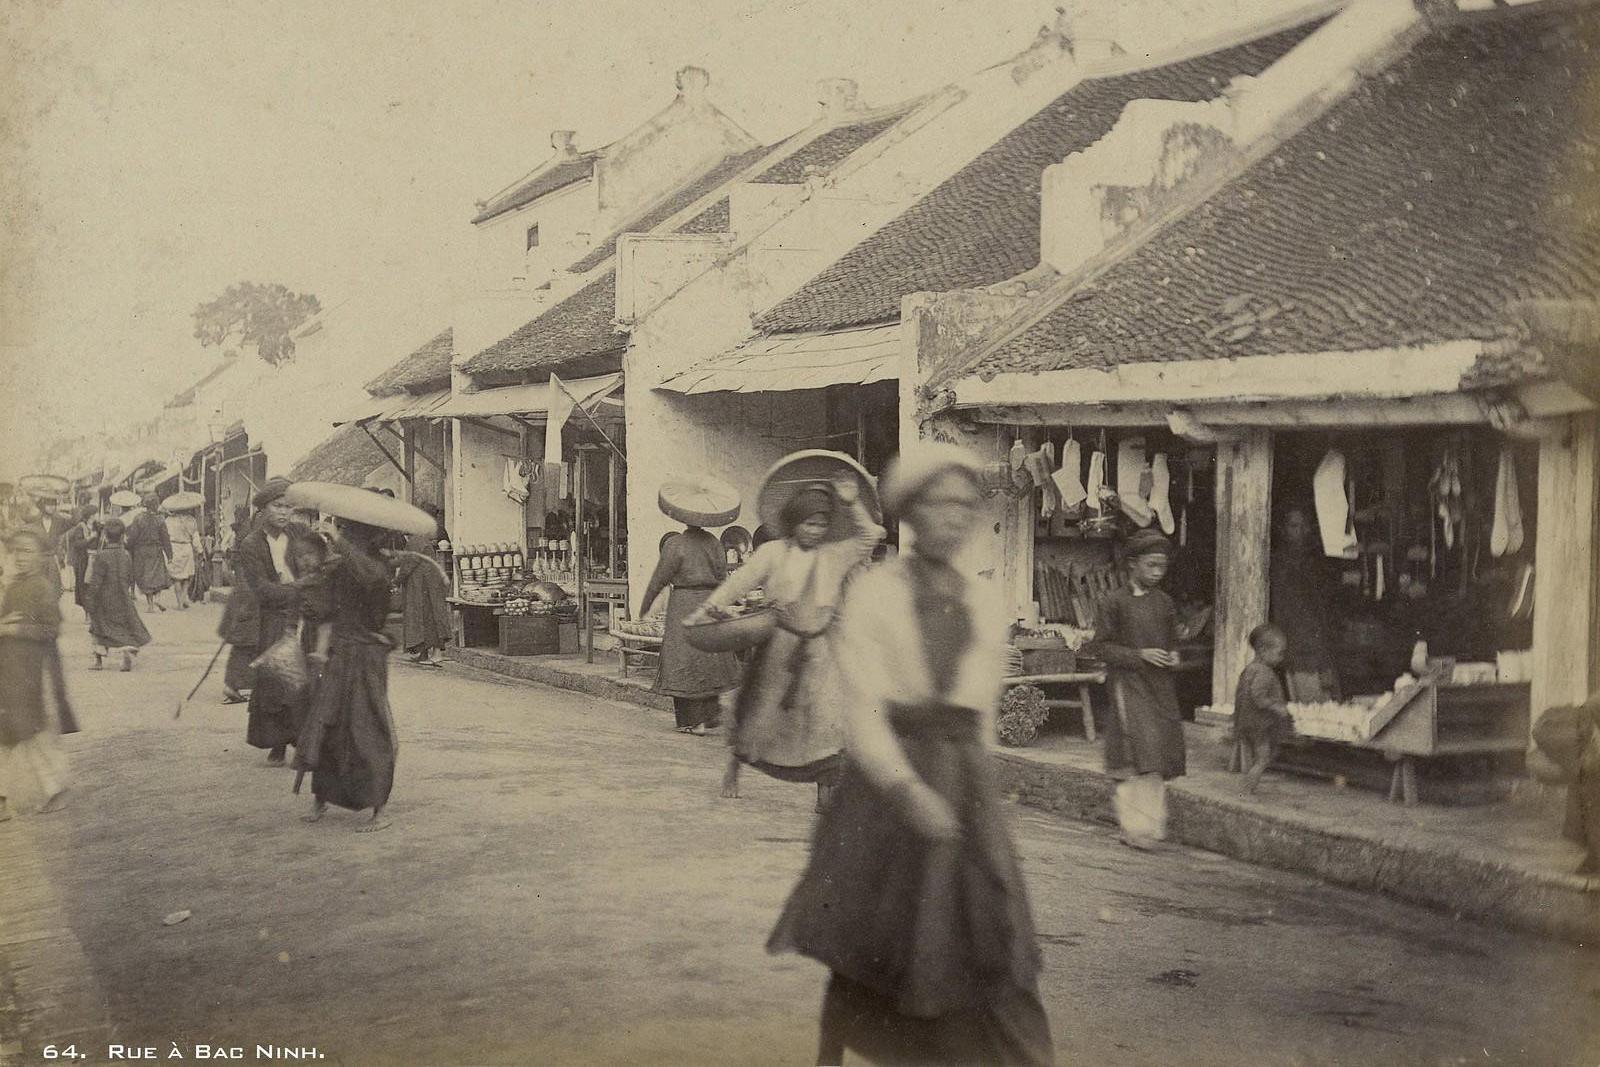 Vì sao phụ nữ miền Bắc bị cấm mặc váy dưới thời vua Minh Mạng?